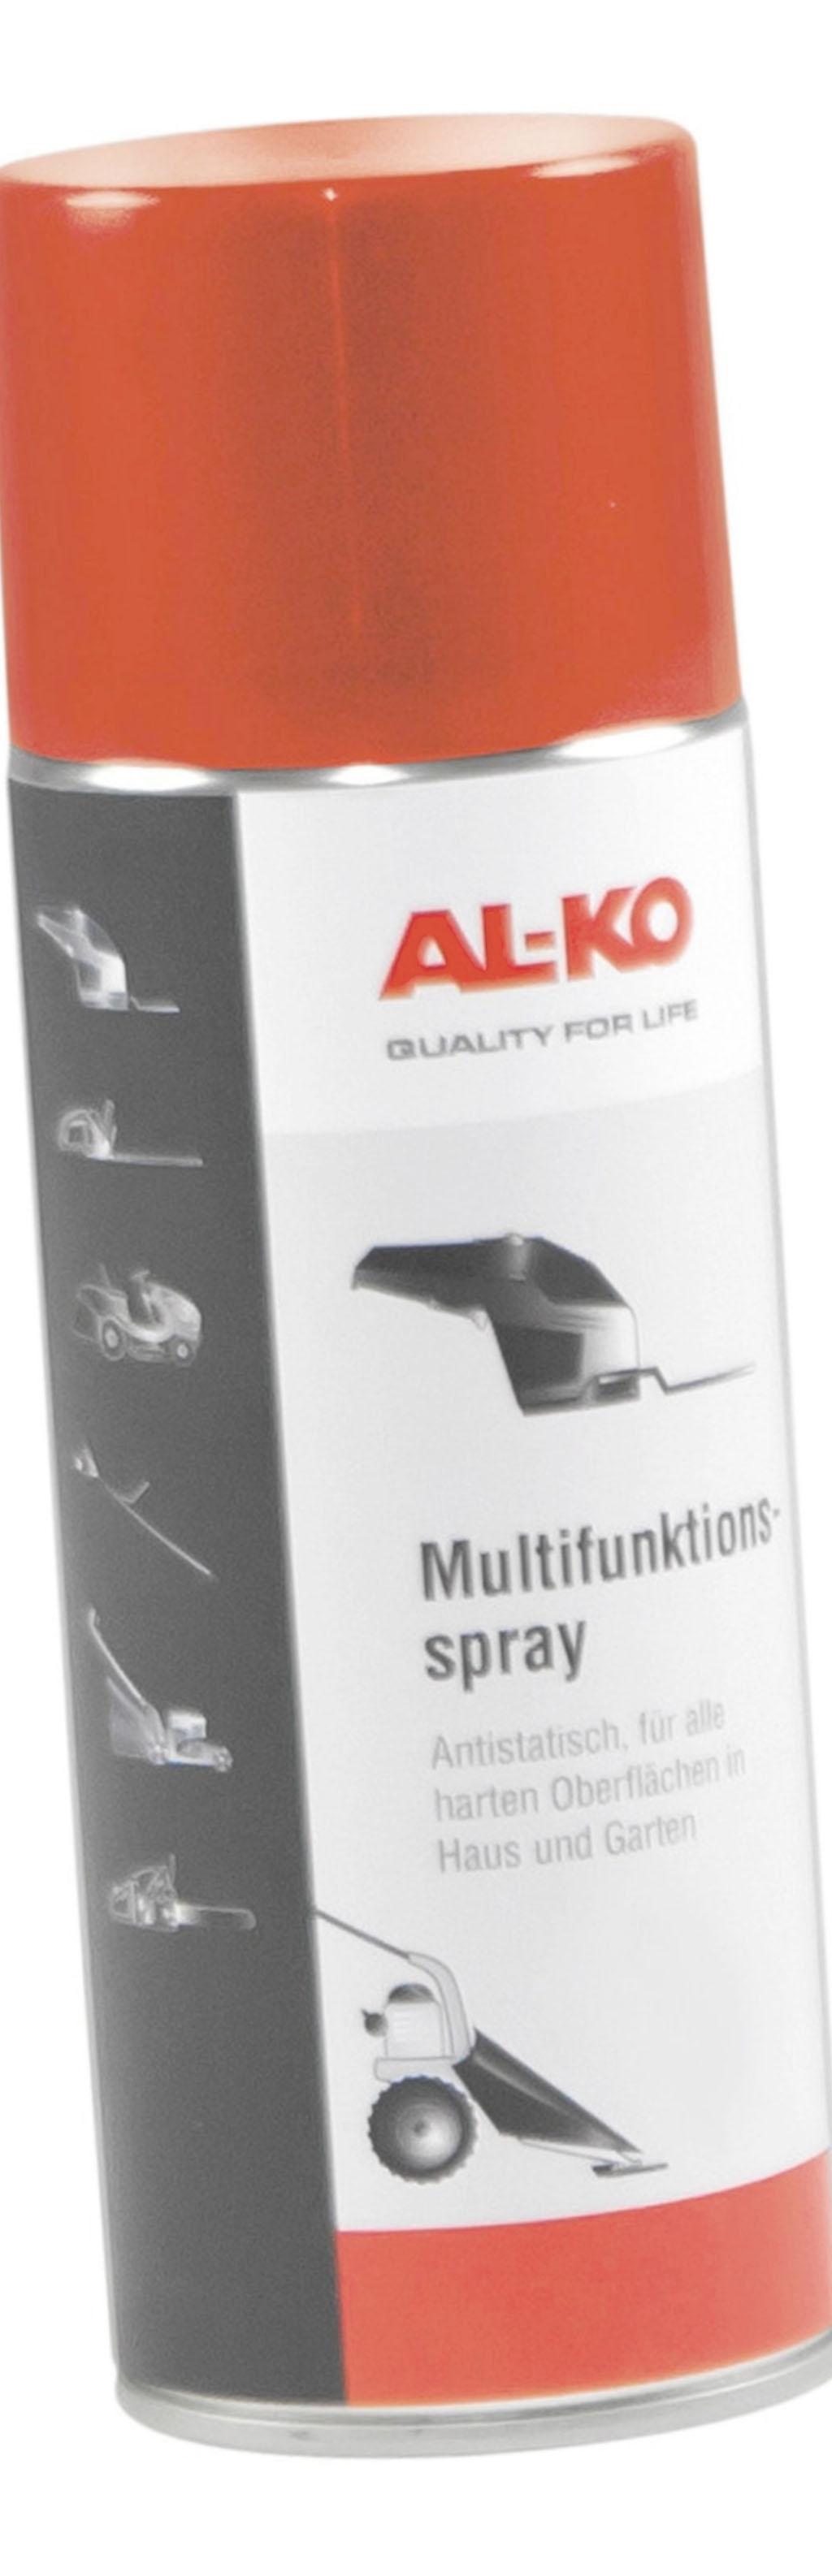 AL-KO Multifunkční sprej 300ml 112890